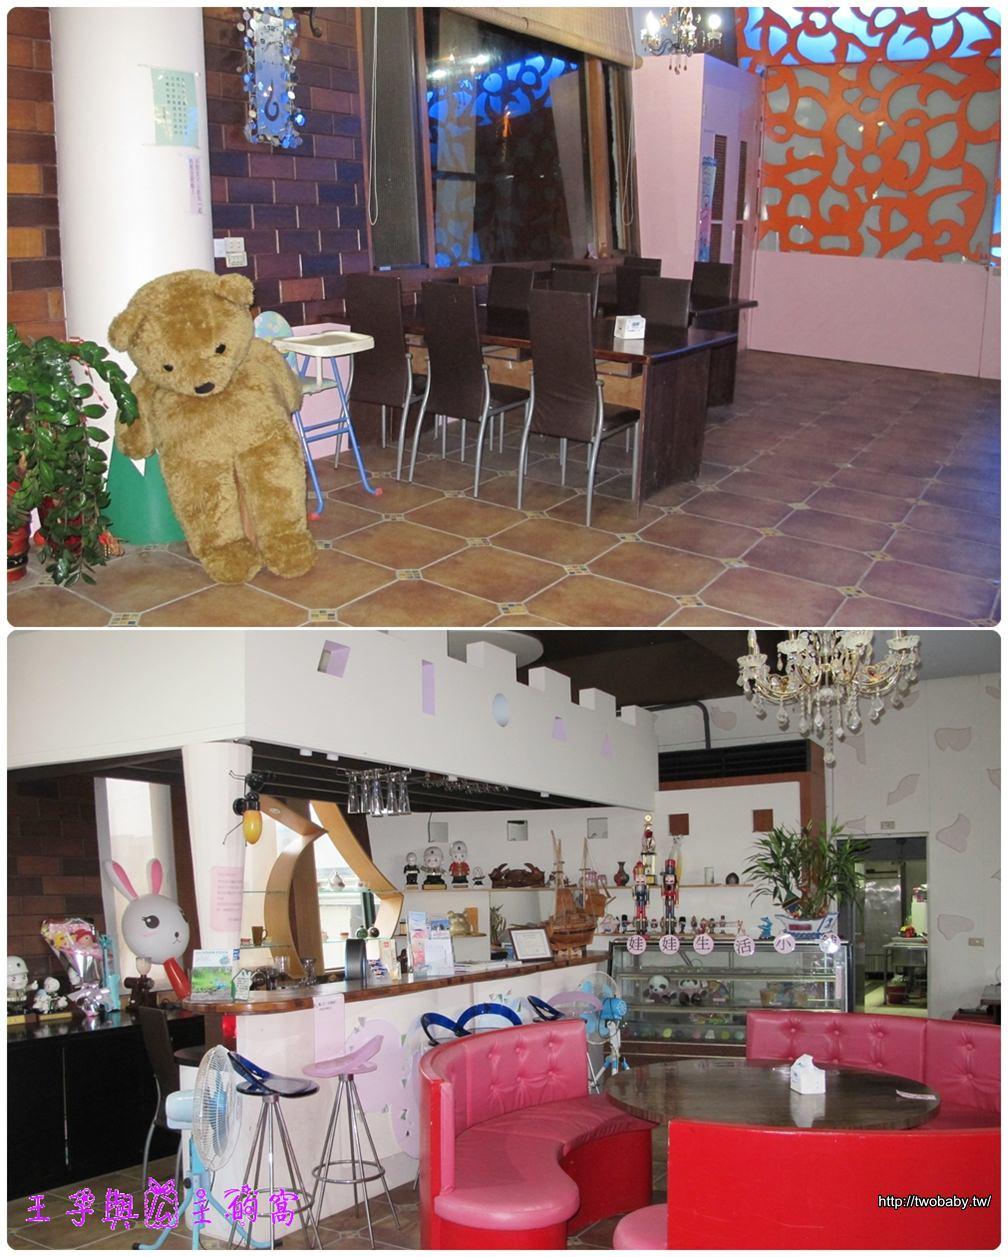 宜蘭住宿|城堡民宿-娃娃國度假民宿